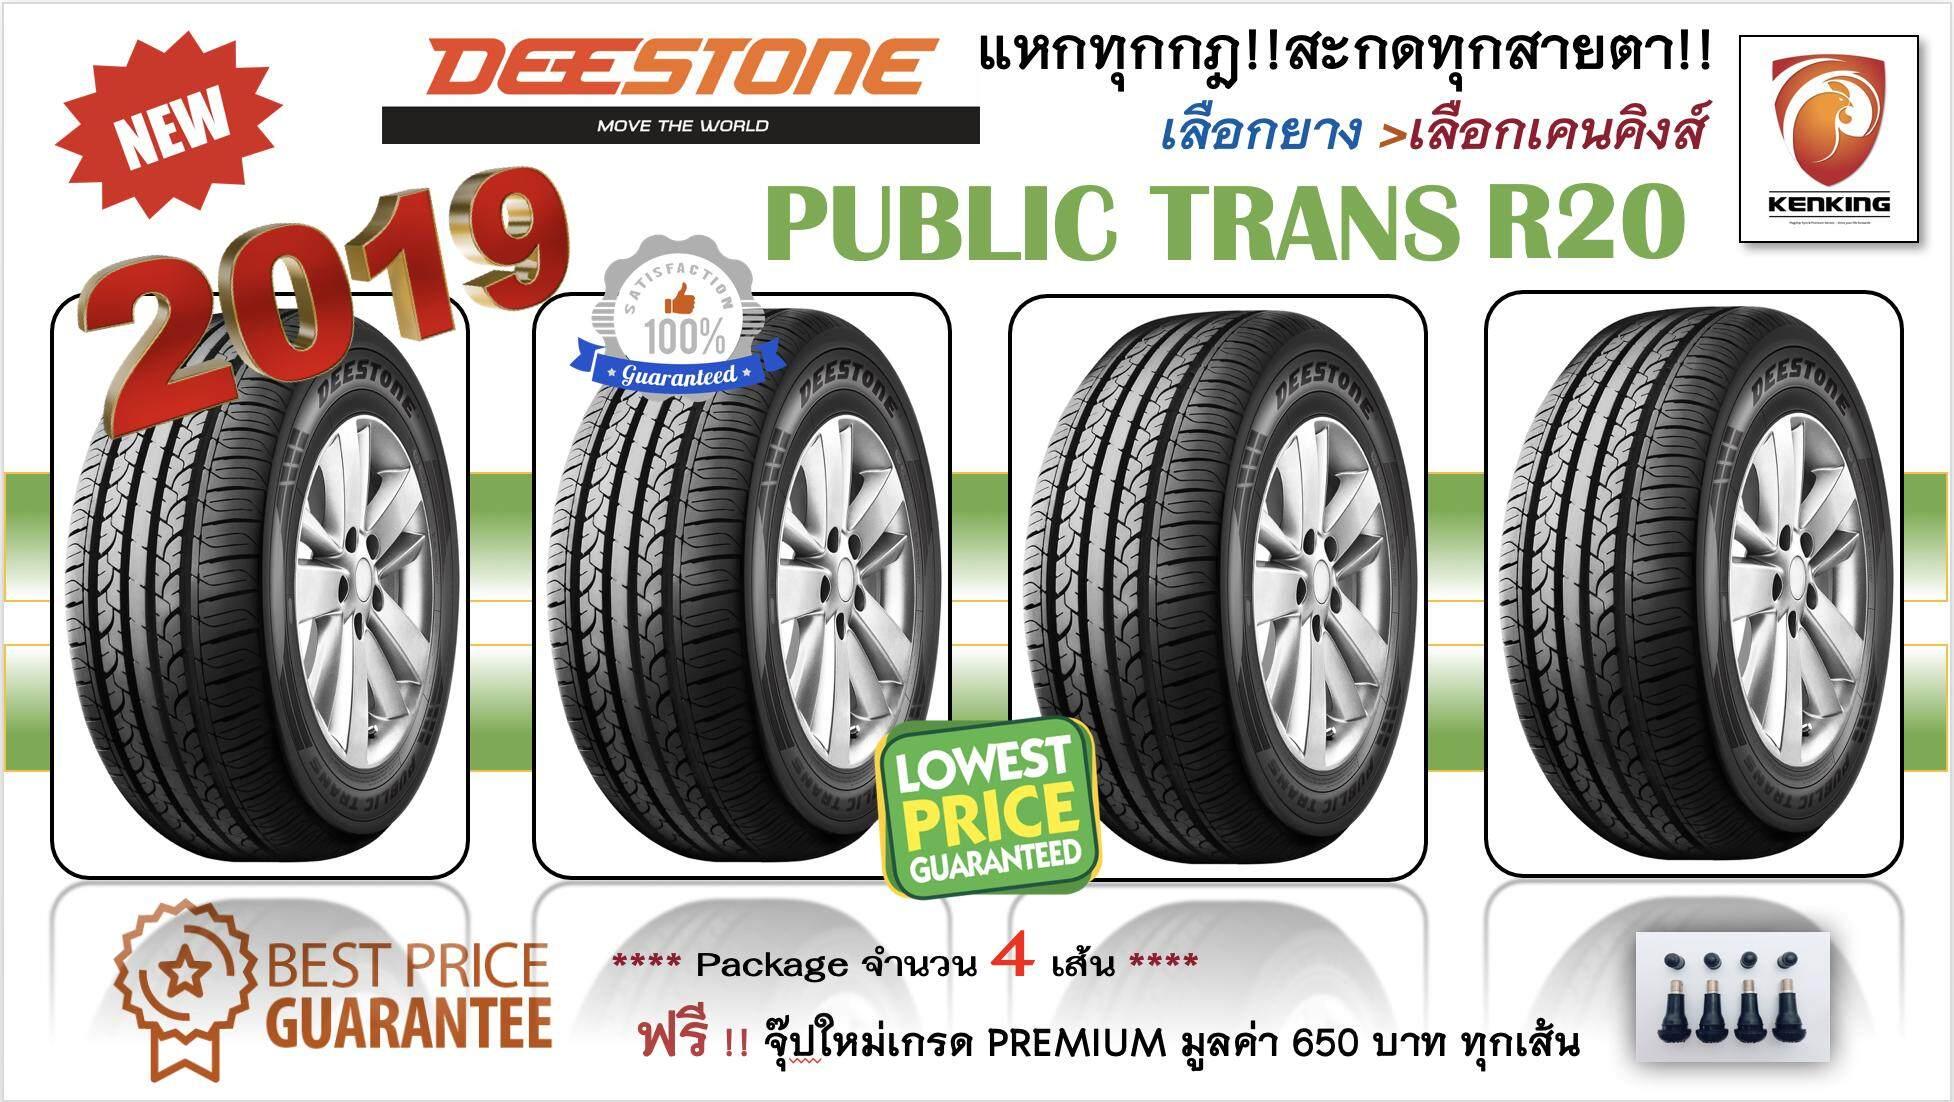 สมุทรสงคราม ยางรถยนต์ขอบ16 Deestone 205/55 R16 รุ่น Public Trans R20   NEW!! 2019 ( 4 เส้น ) FREE !! จุ๊ป PREMIUM BY KENKING POWER 650 บาท MADE IN JAPAN แท้ (ลิขสิทธิแท้รายเดียว)